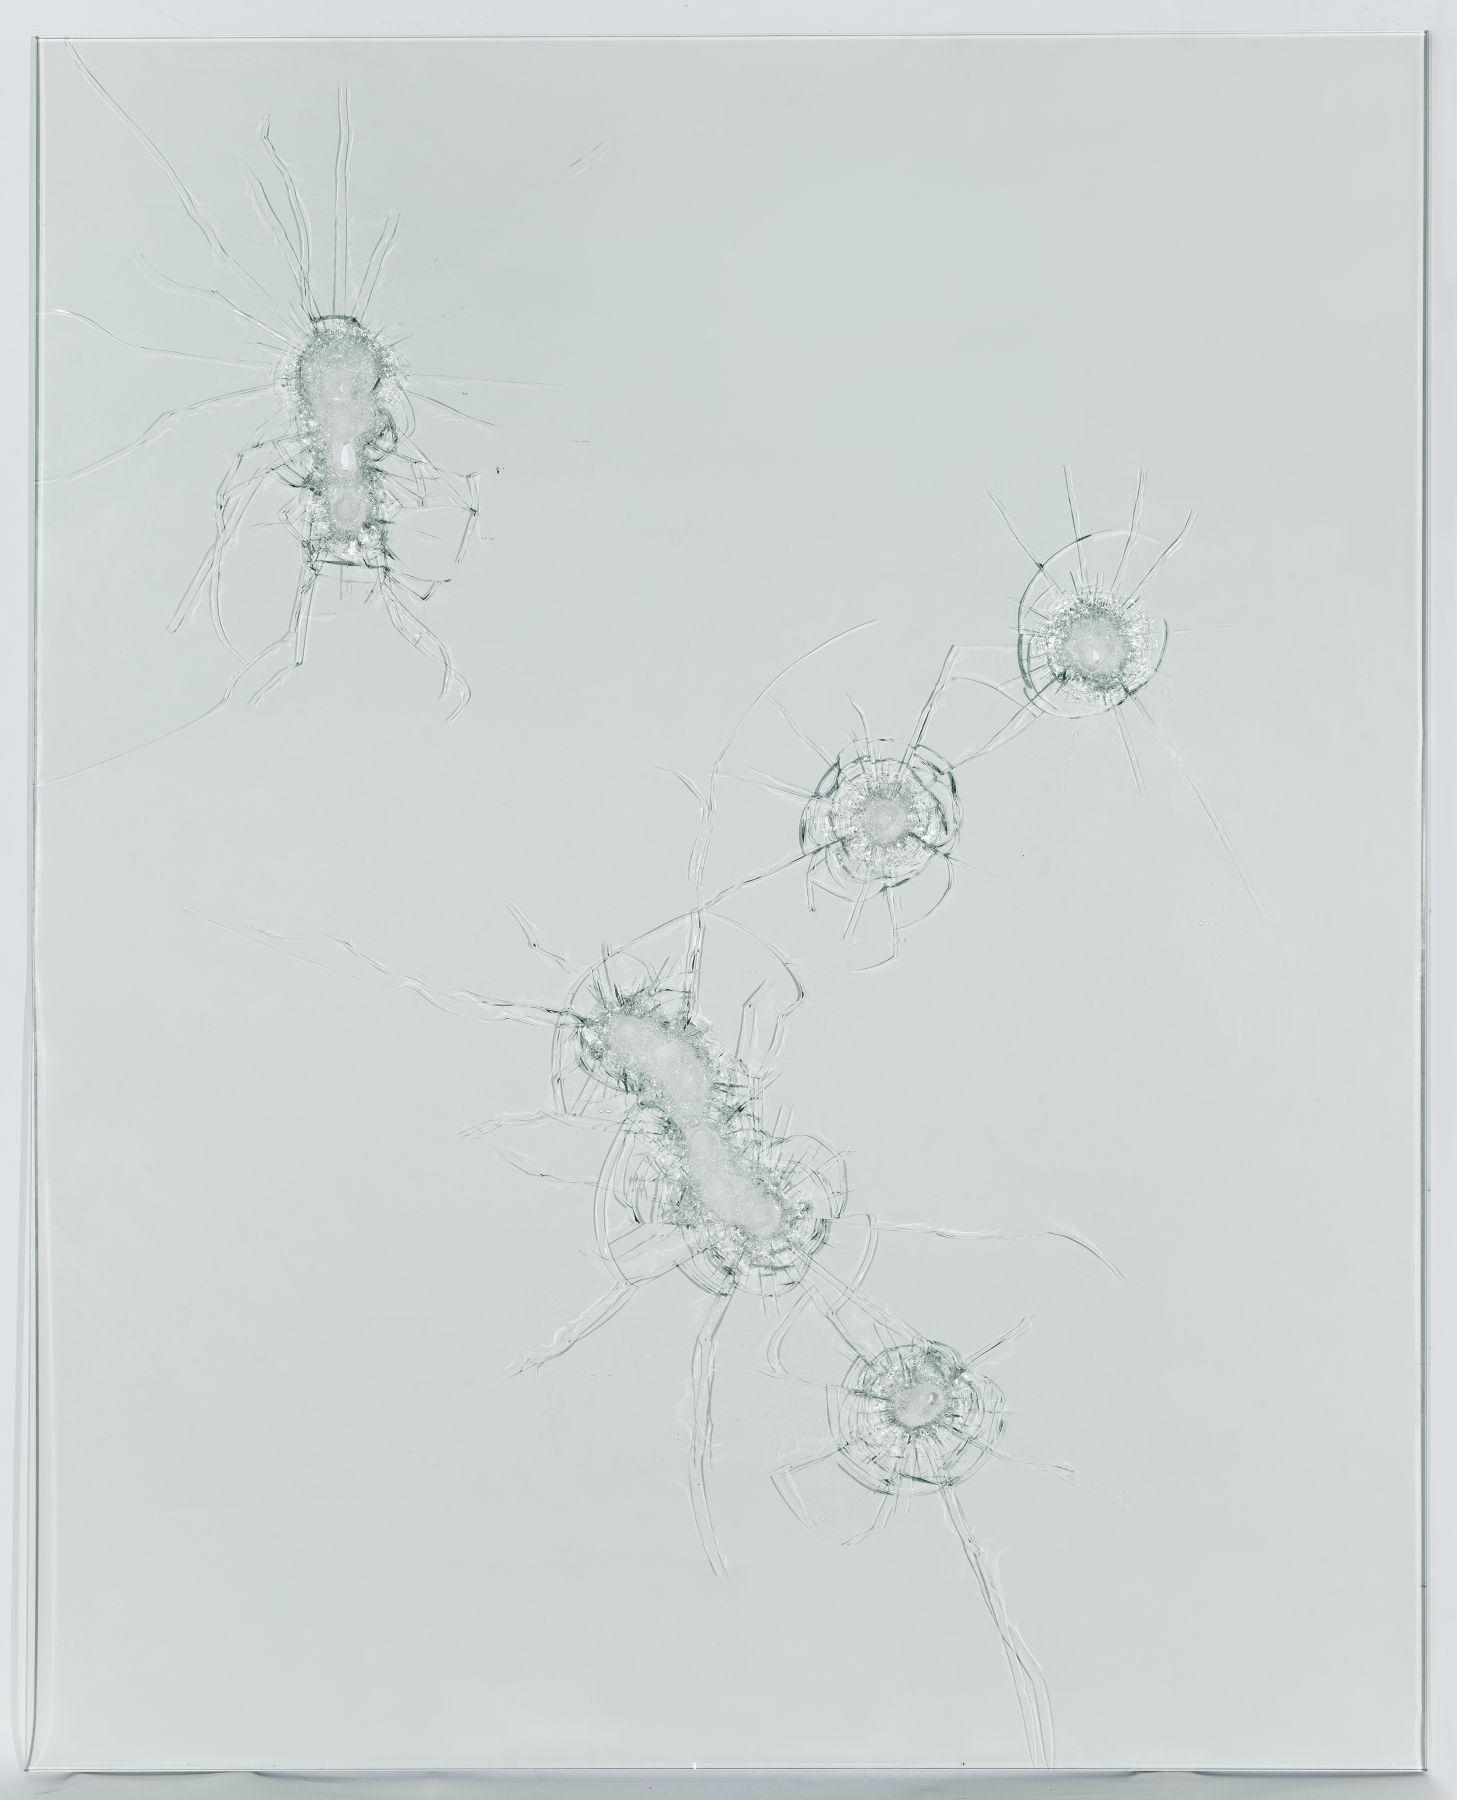 Constellations XVæ˜Ÿåº§å£¹æ‹¾ä¼, 2013